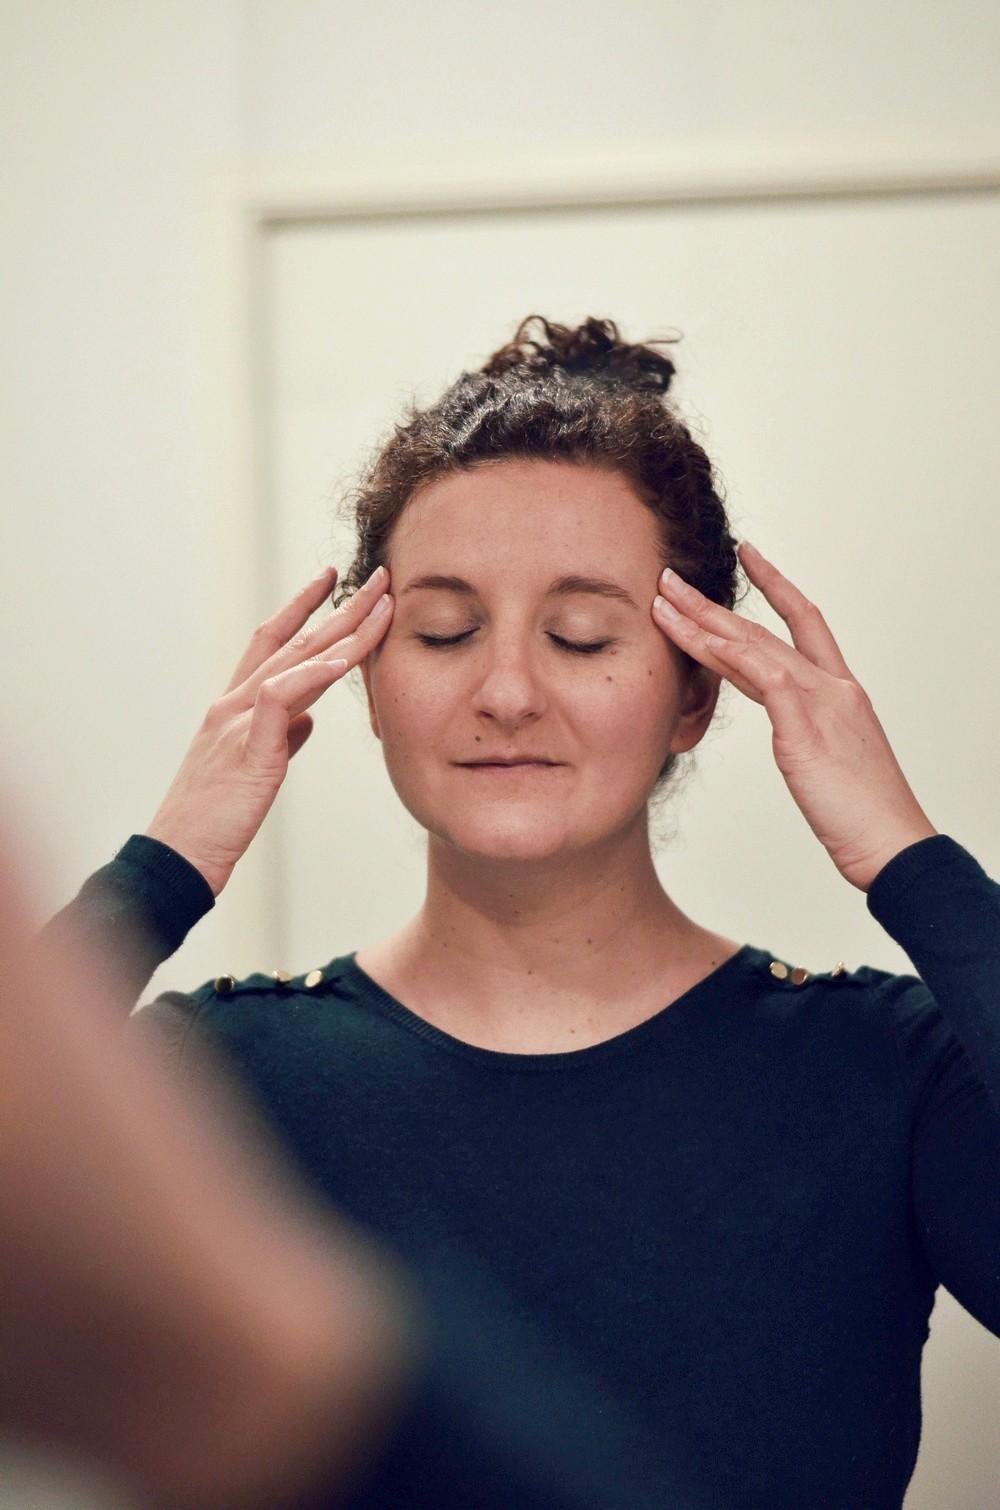 femme se massant le visage devant un miroir